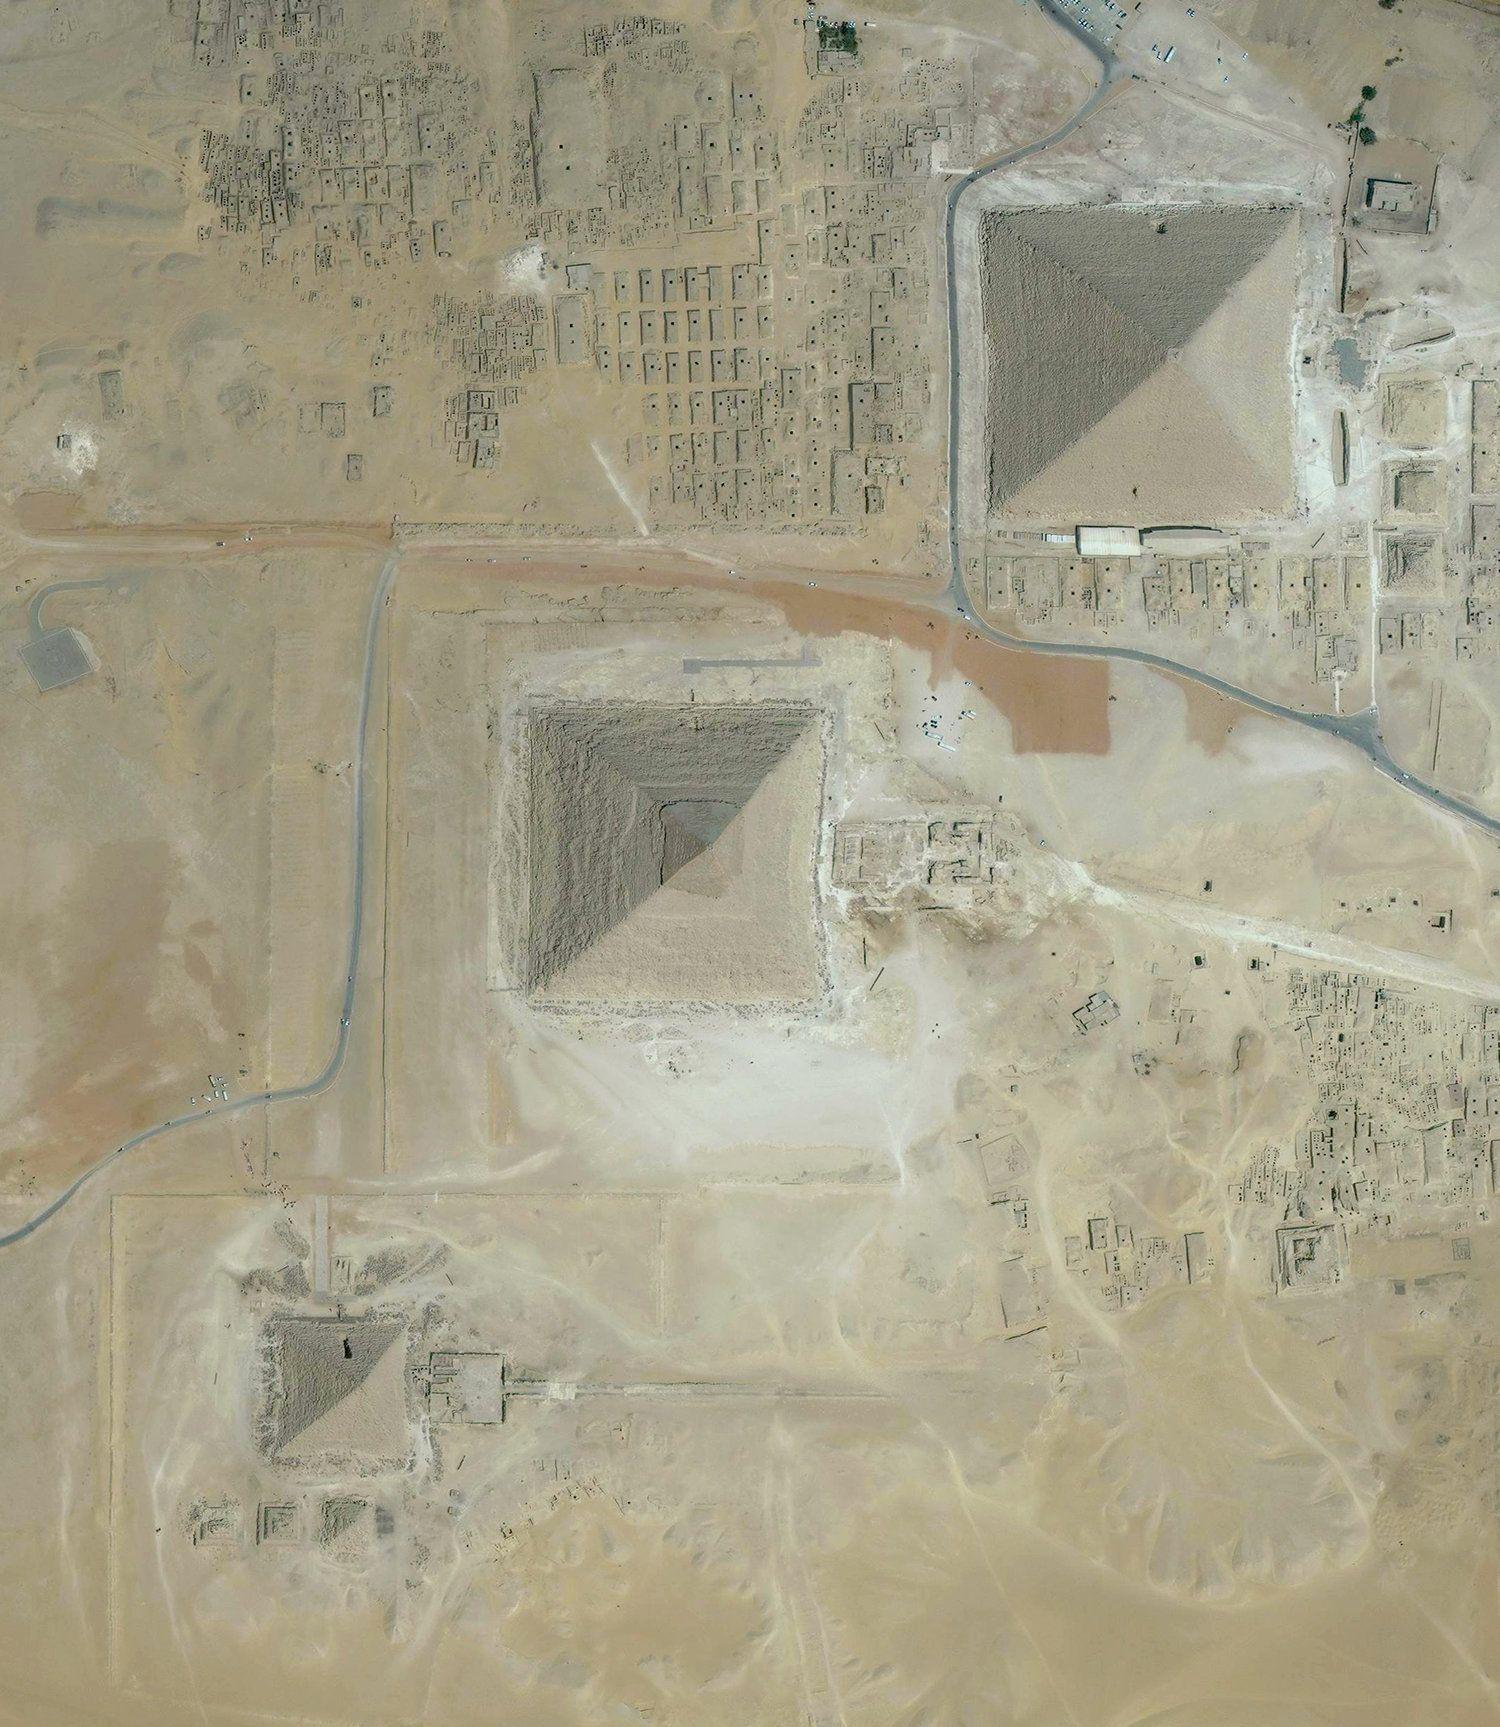 3/10/2017 Great Pyramids of Giza Giza, Egypt 29.979234, 31